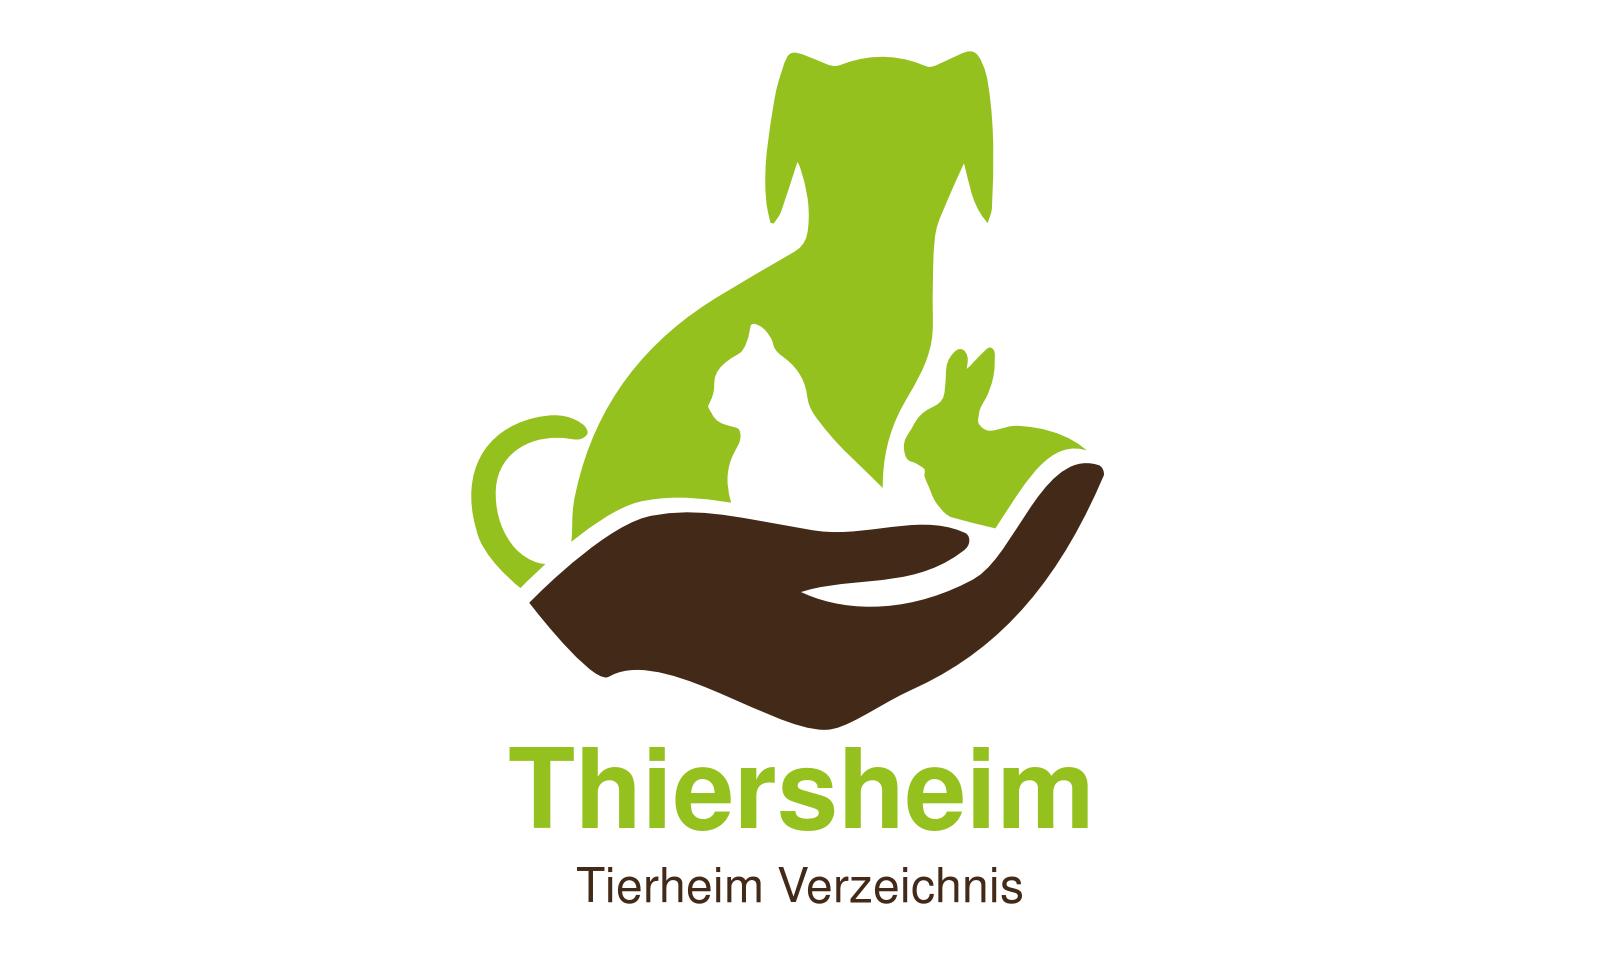 Tierheim Thiersheim